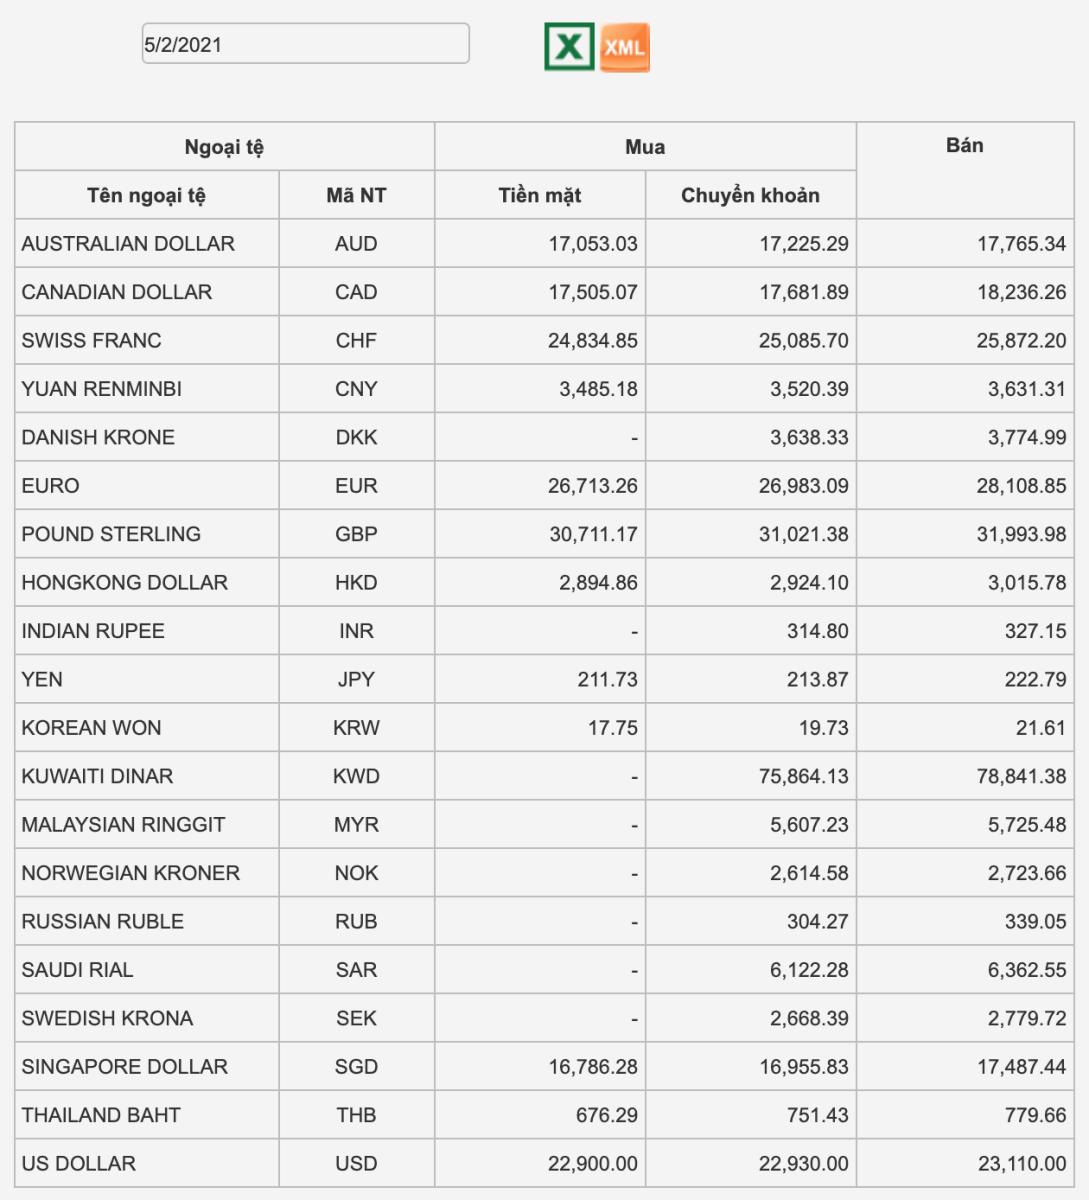 Tỷ giá Vietcombank hôm nay 5/2: Các ngoại tệ chủ chốt tiếp tục giảm sâu, USD thế giới tăng mạnh